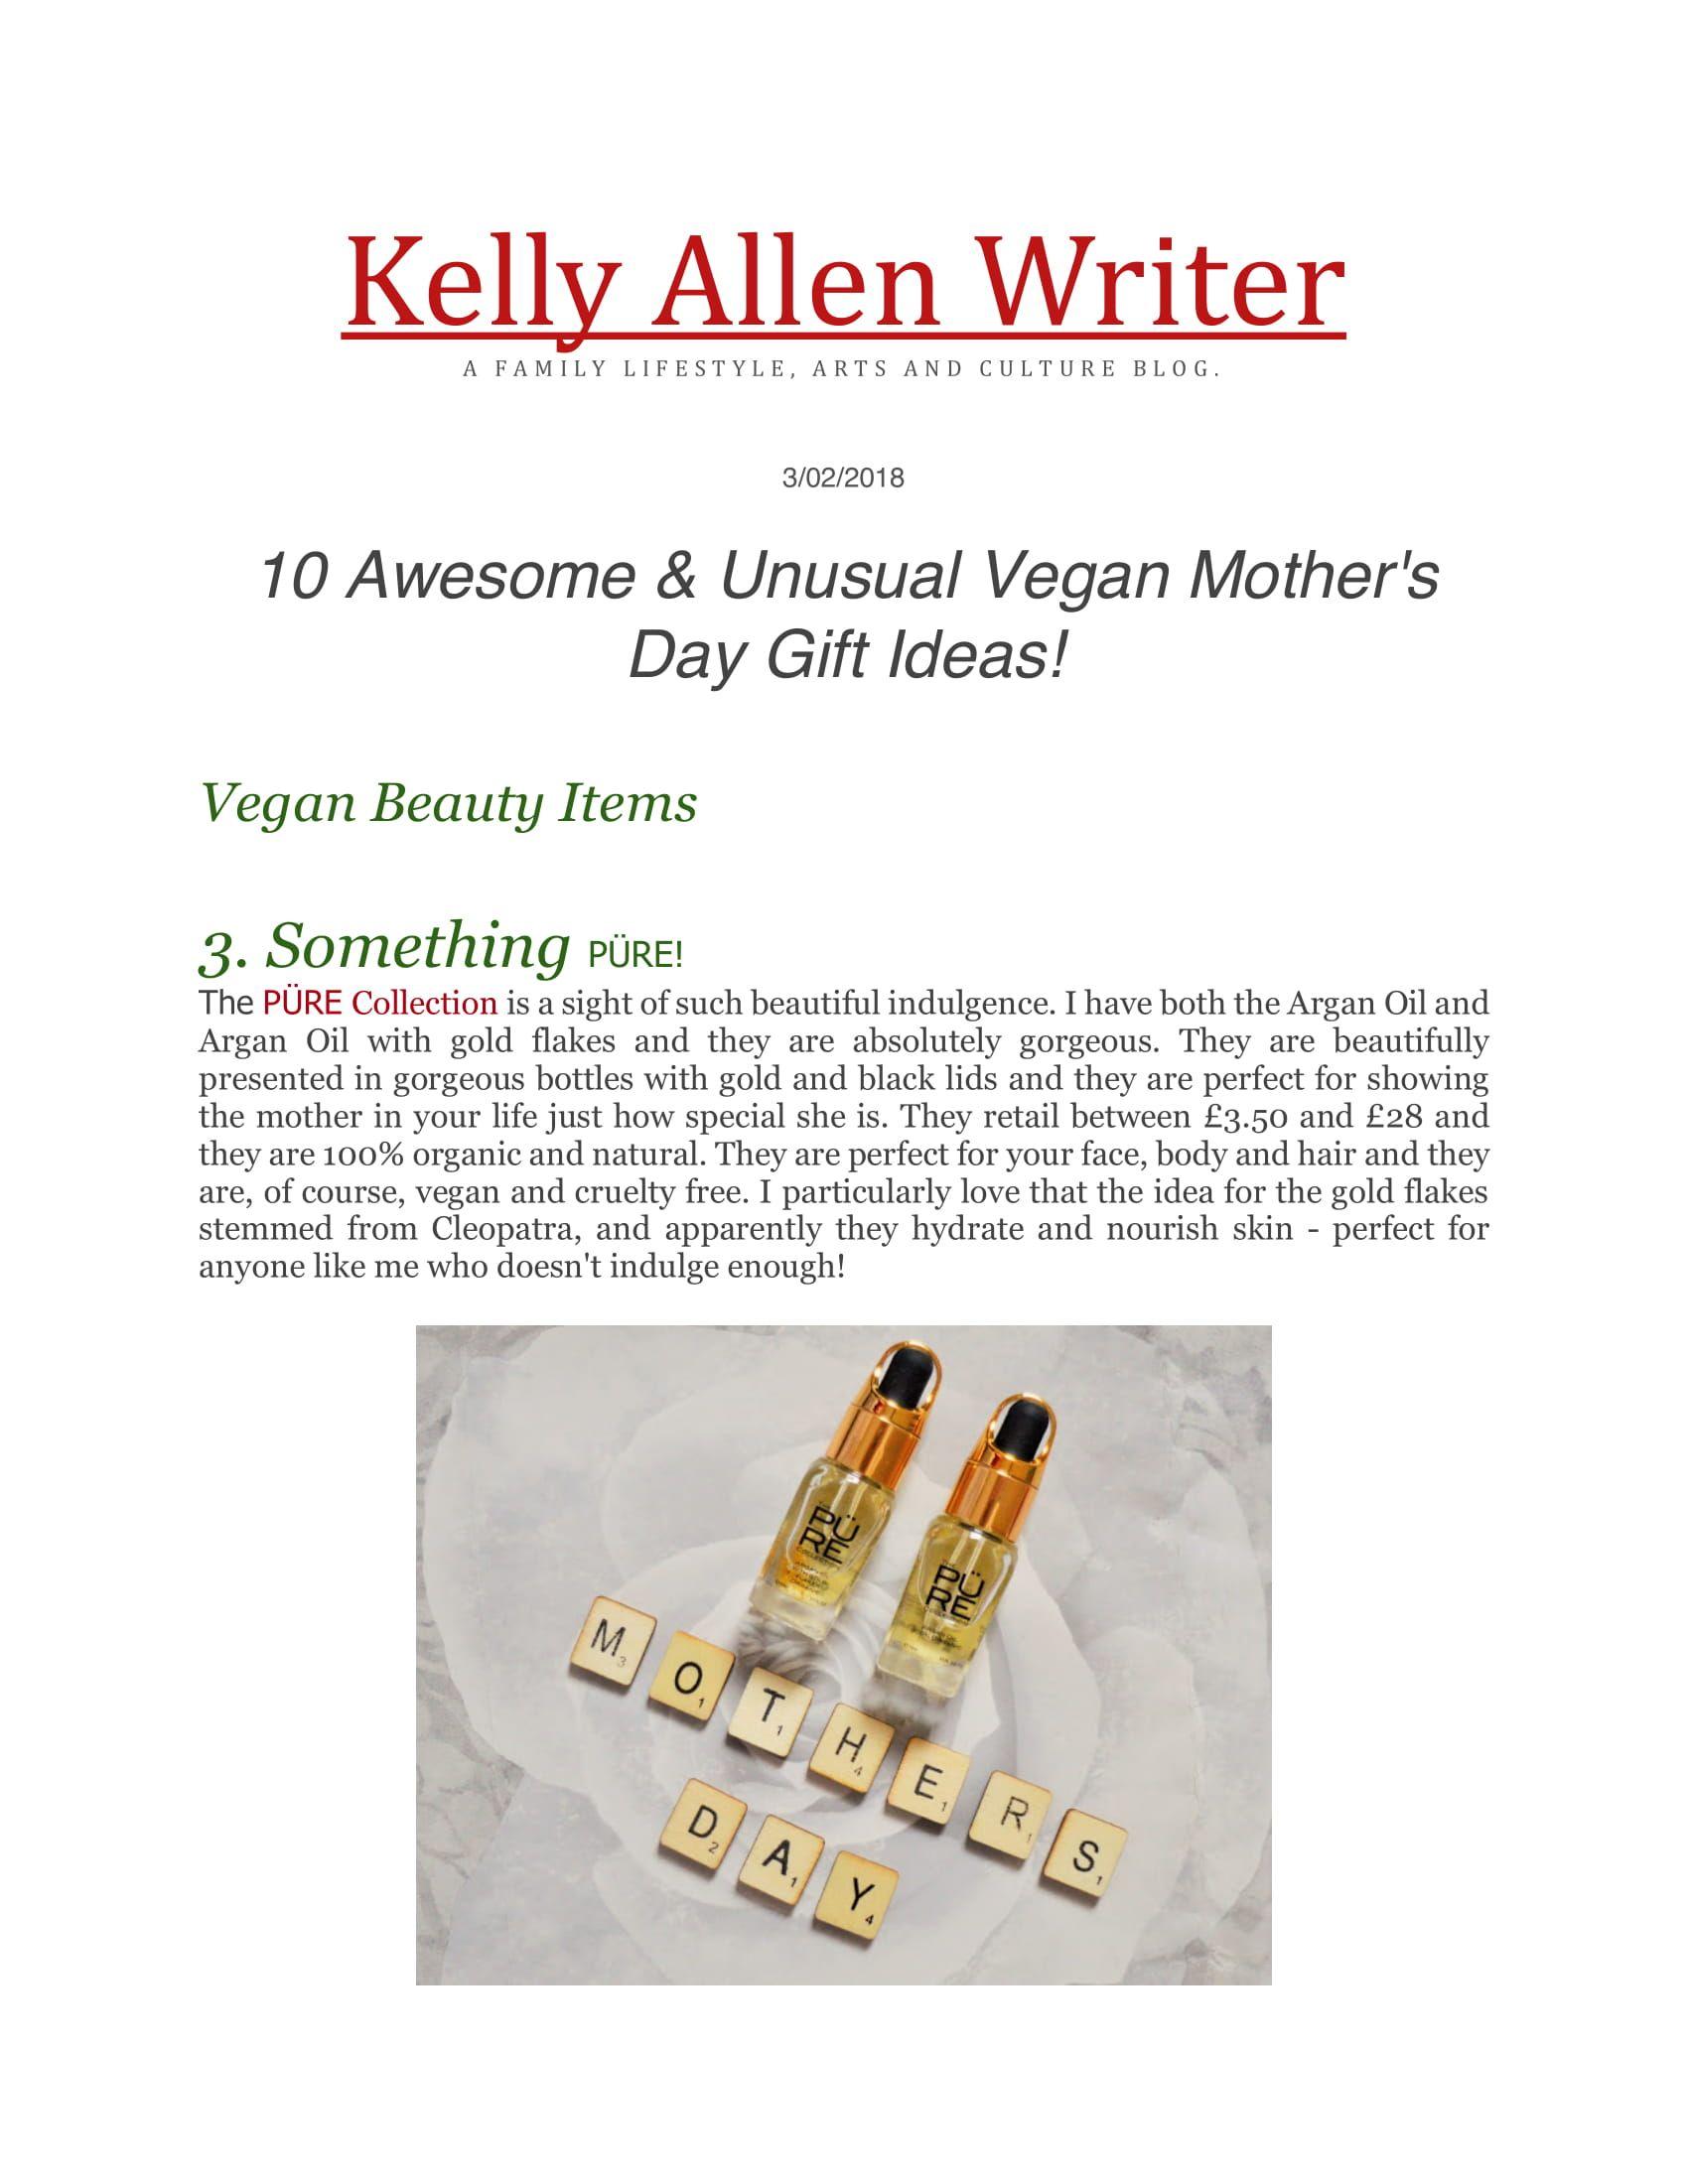 Kelly Allen Writer Blog